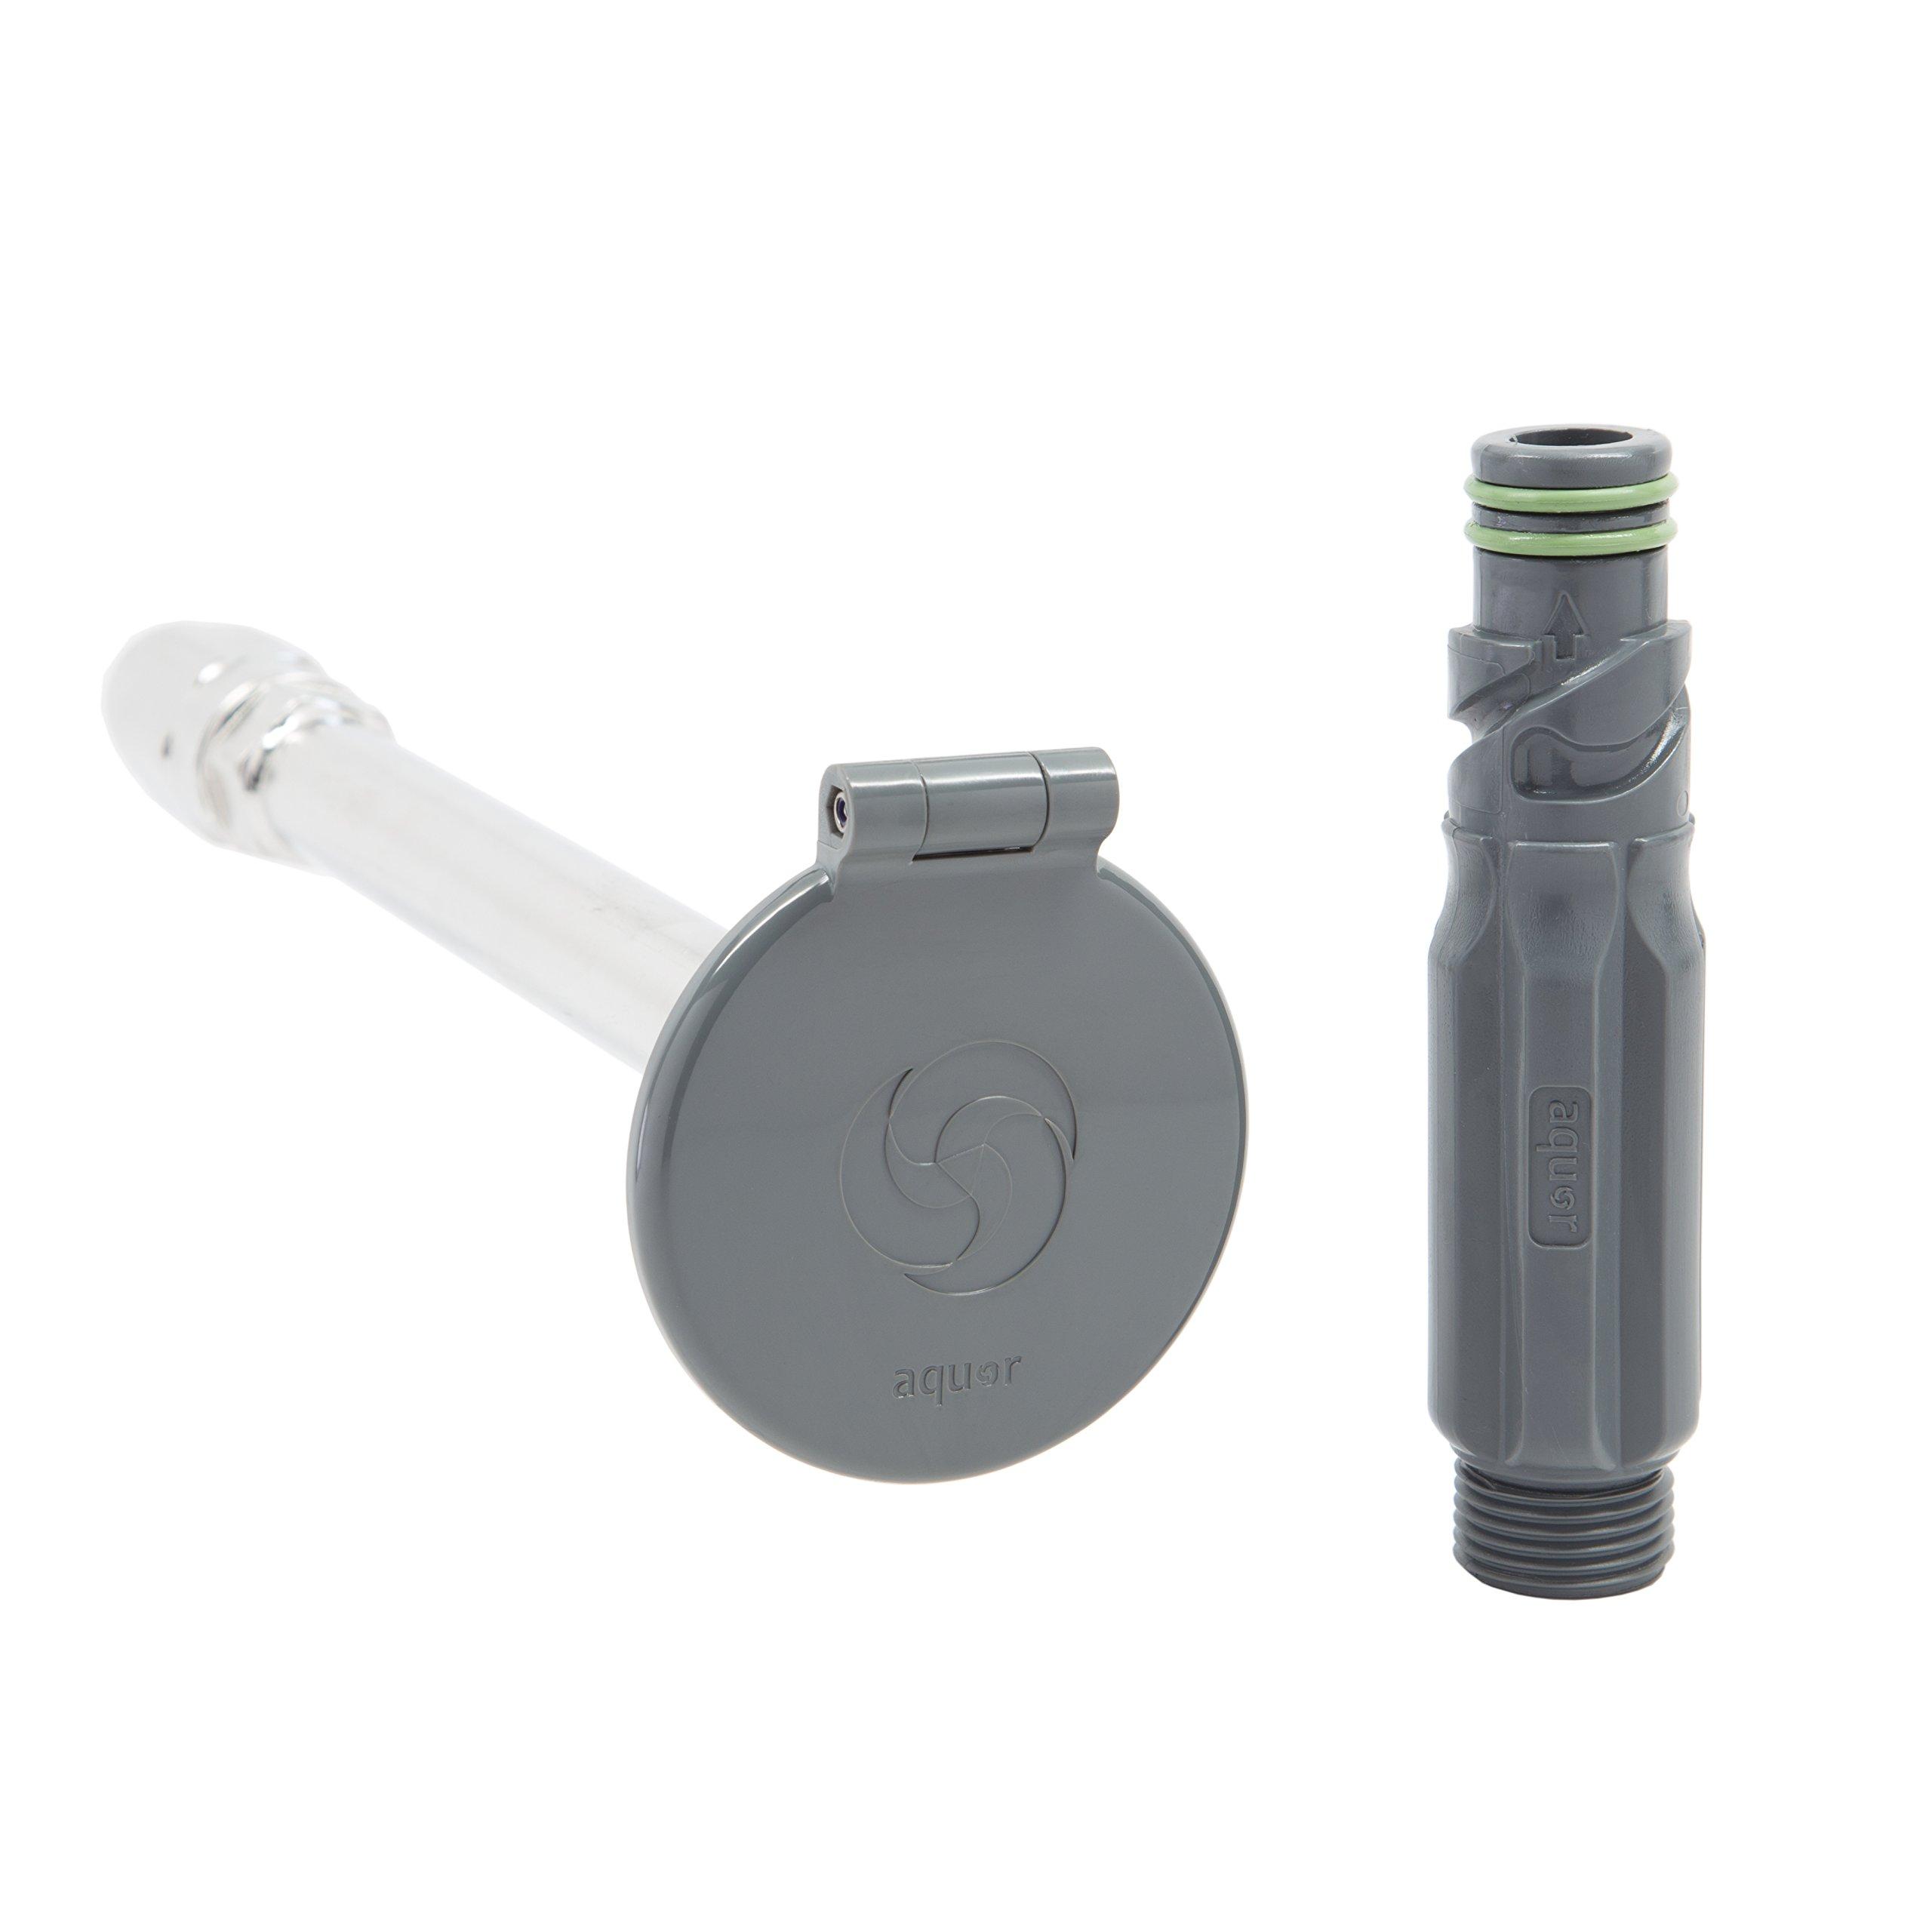 Aquor Frost-Free House Hydrant V1, 10-inch Slate Gray